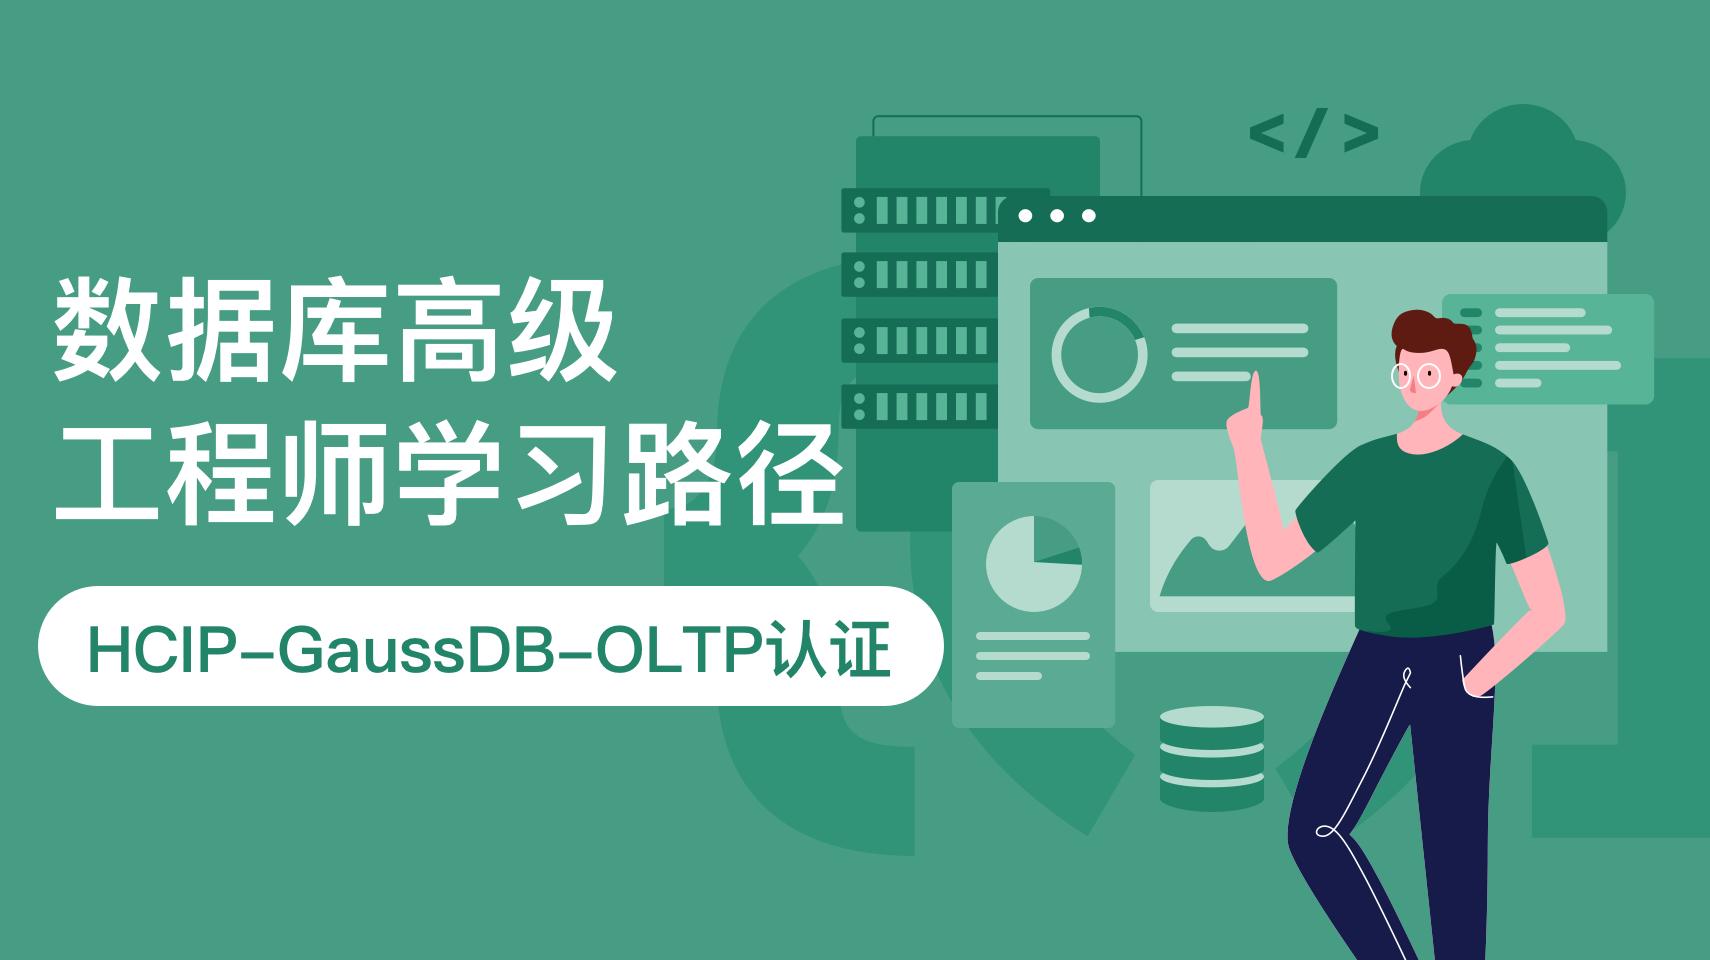 华为GaussDB OLTP数据库高级工程师学习路径